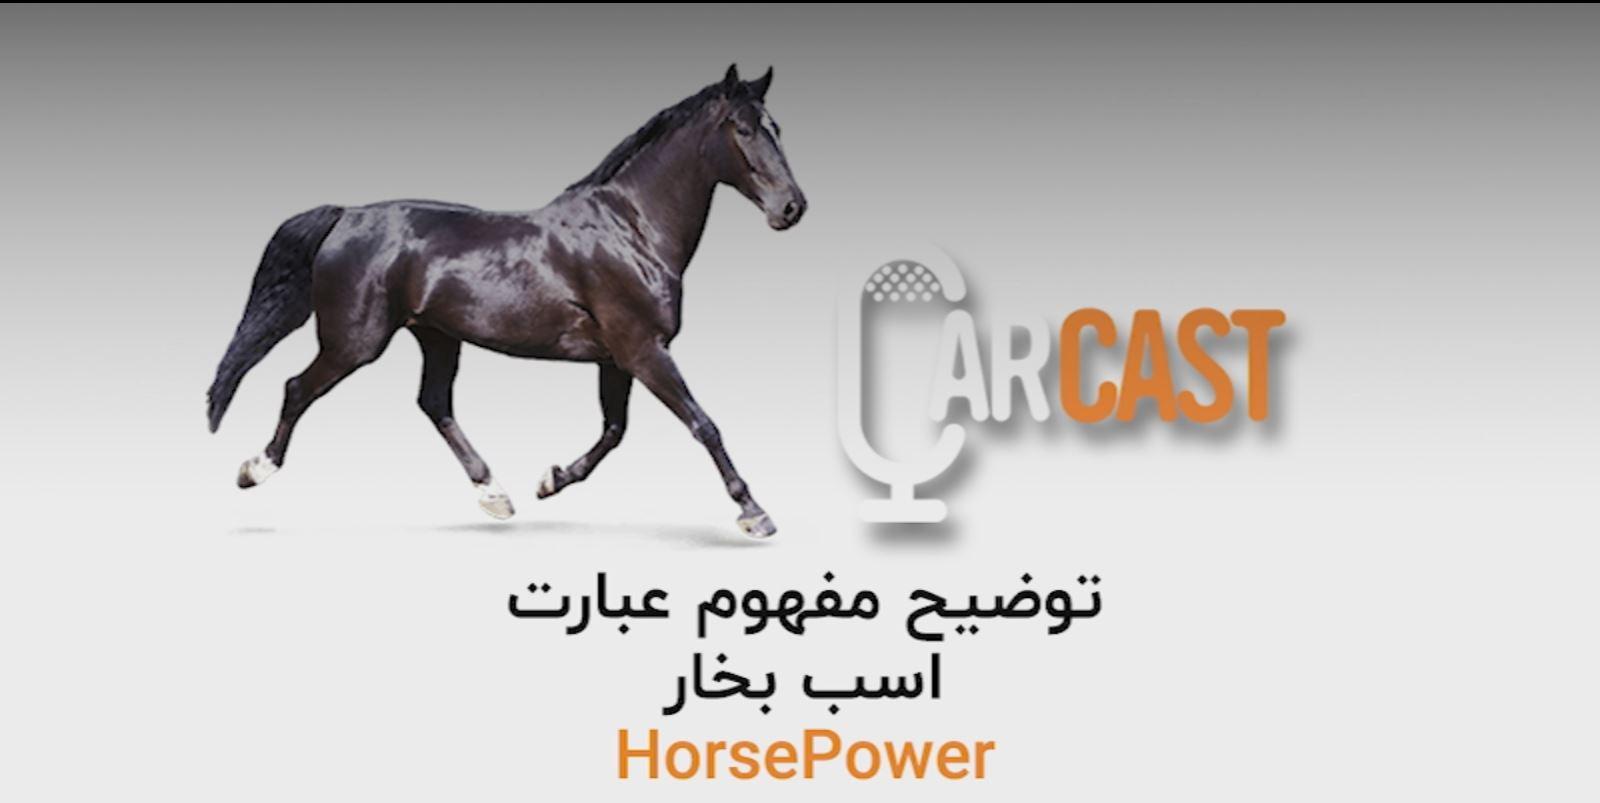 کارکست شماره 15: توضیح مفهمومی عبارت اسب بخار HP